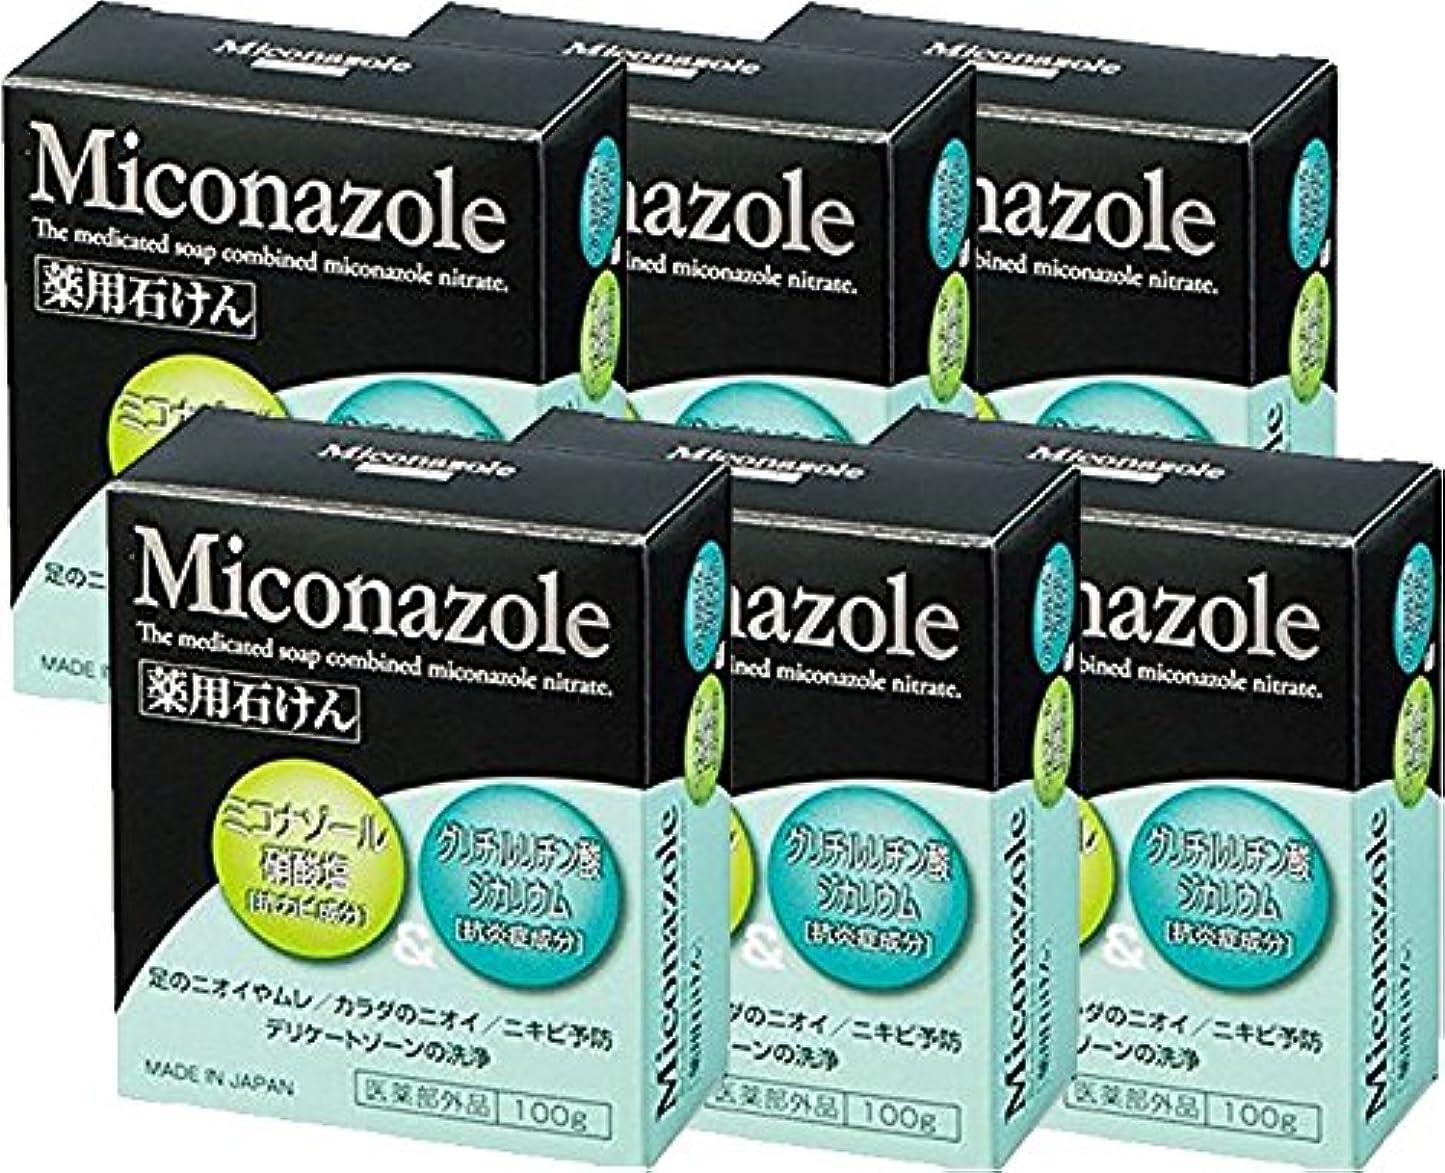 抵抗する厄介な値ミコナゾール 薬用せっけん 100g 《医薬部外品》 (6個)